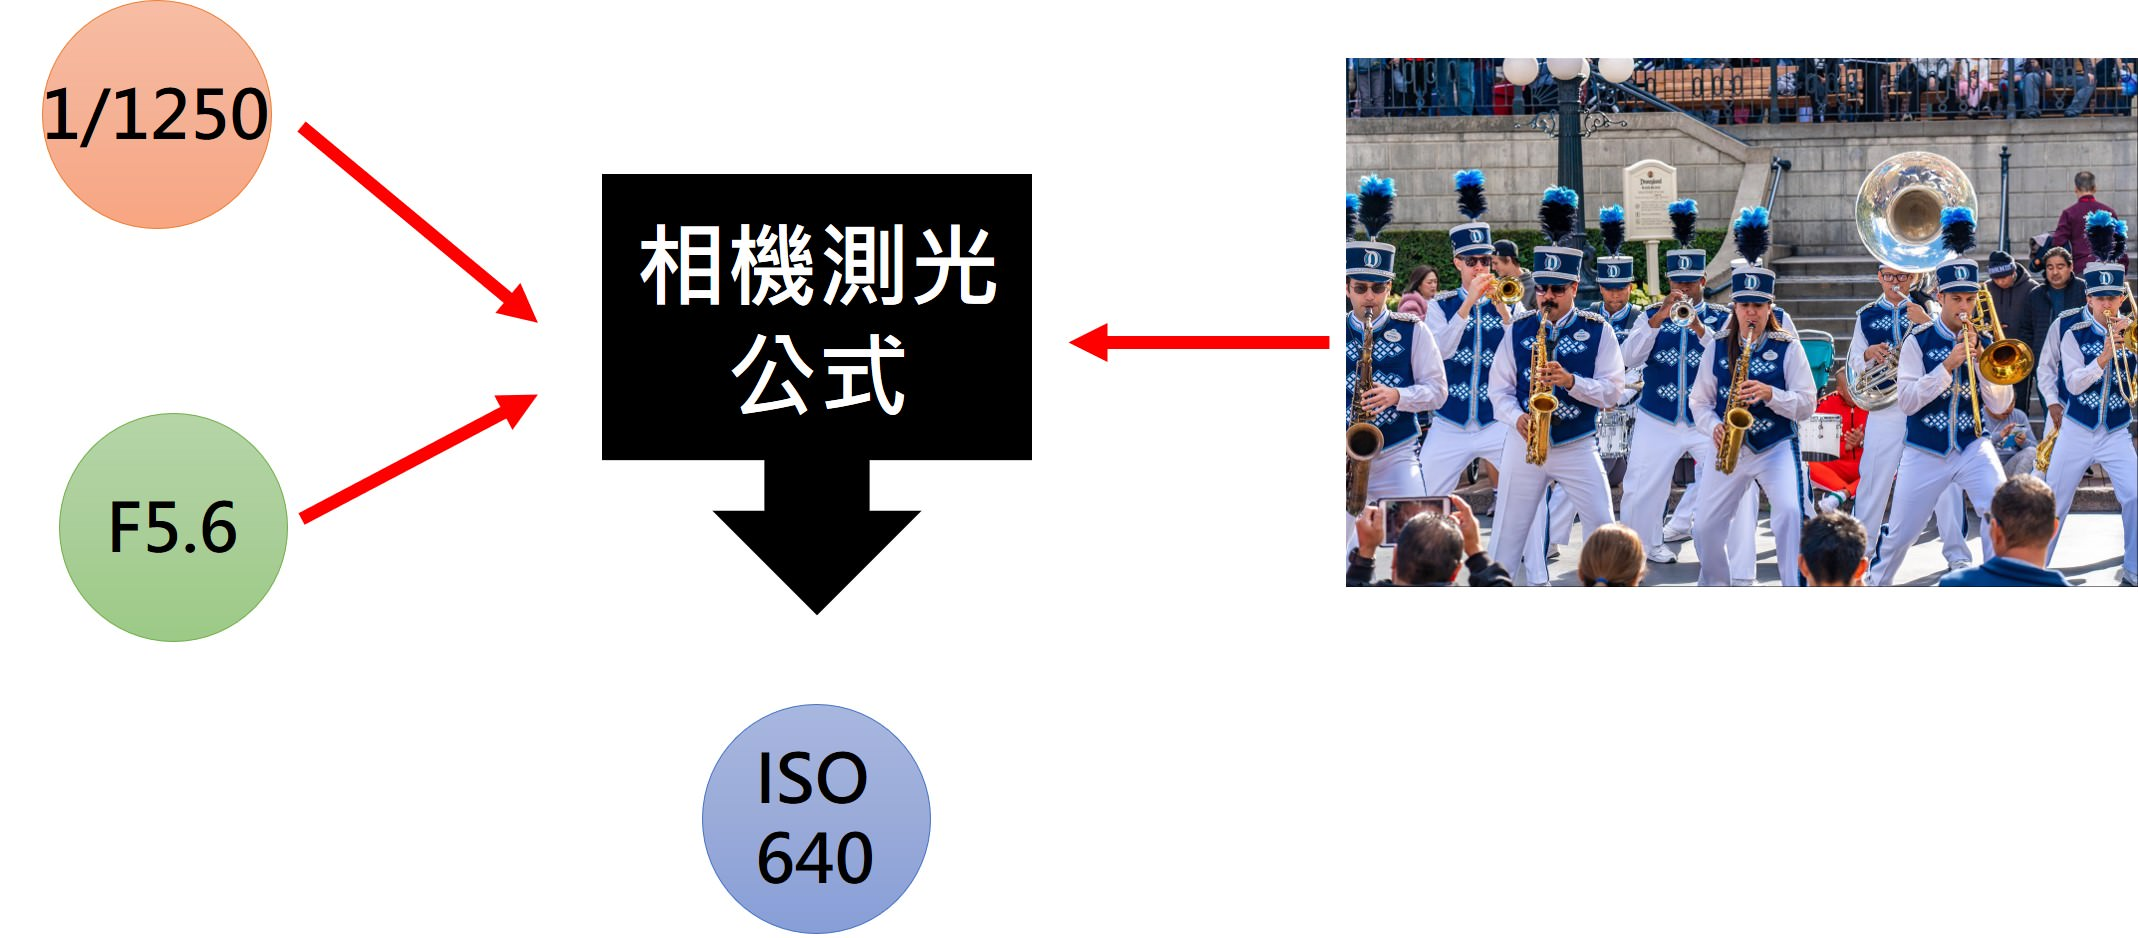 自動 ISO